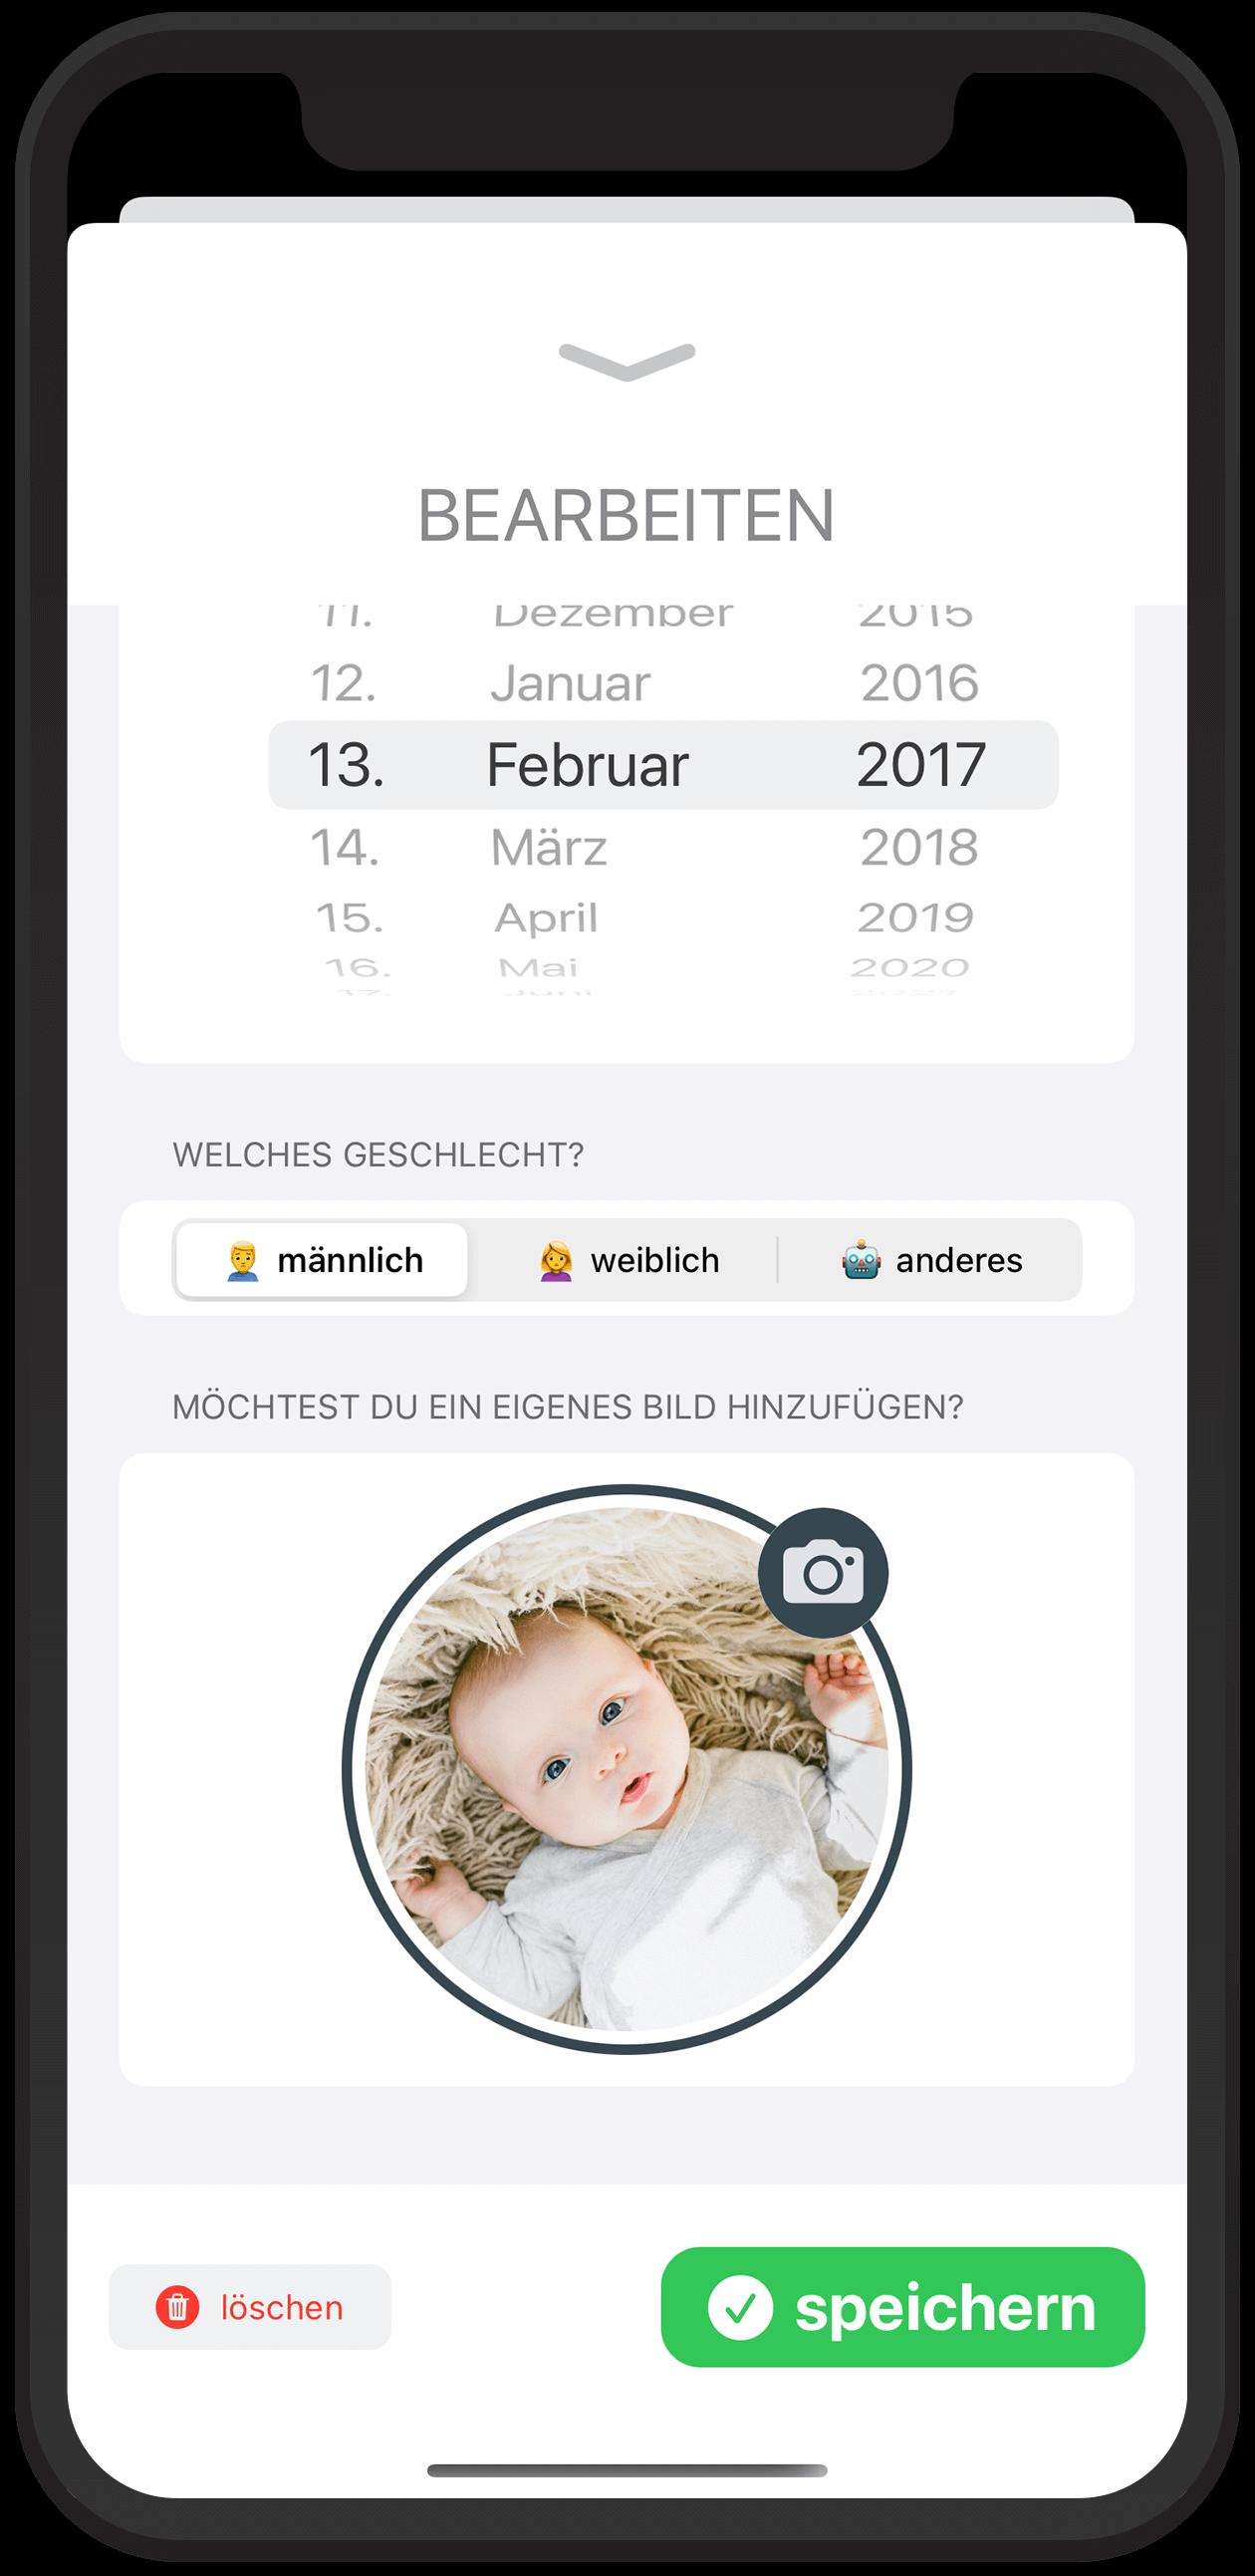 Baby-Wochen: Füge ein eigenes Bild zu jedem Kind hinzu